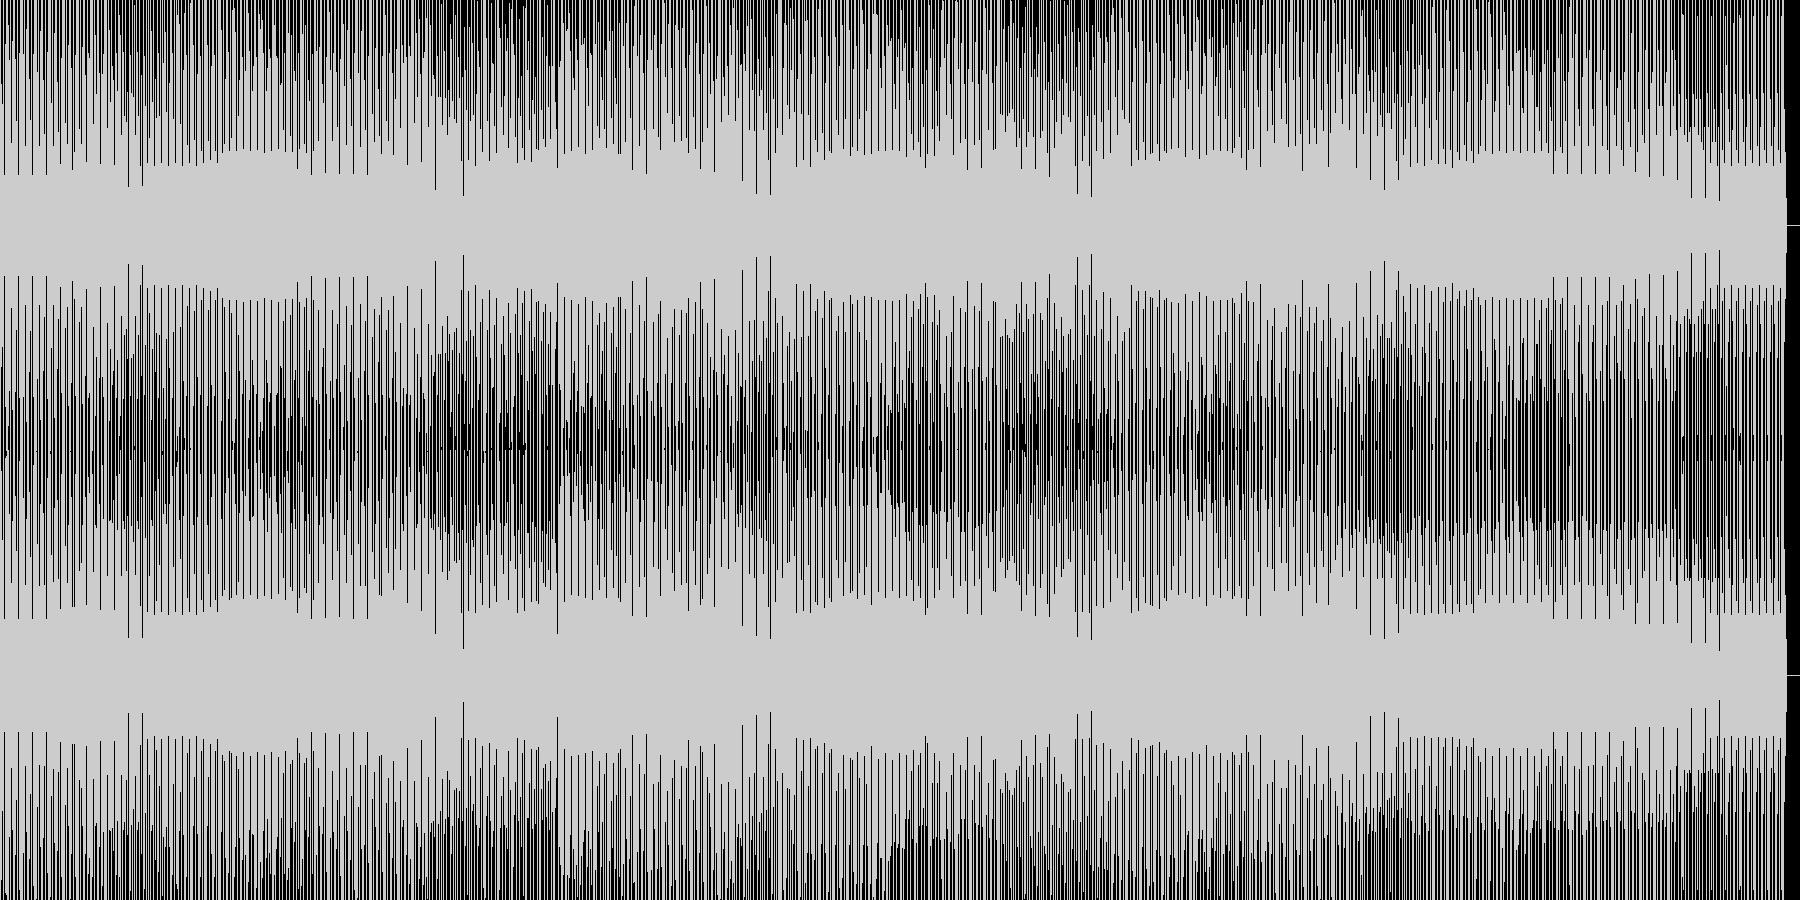 ミニマルハウスの未再生の波形